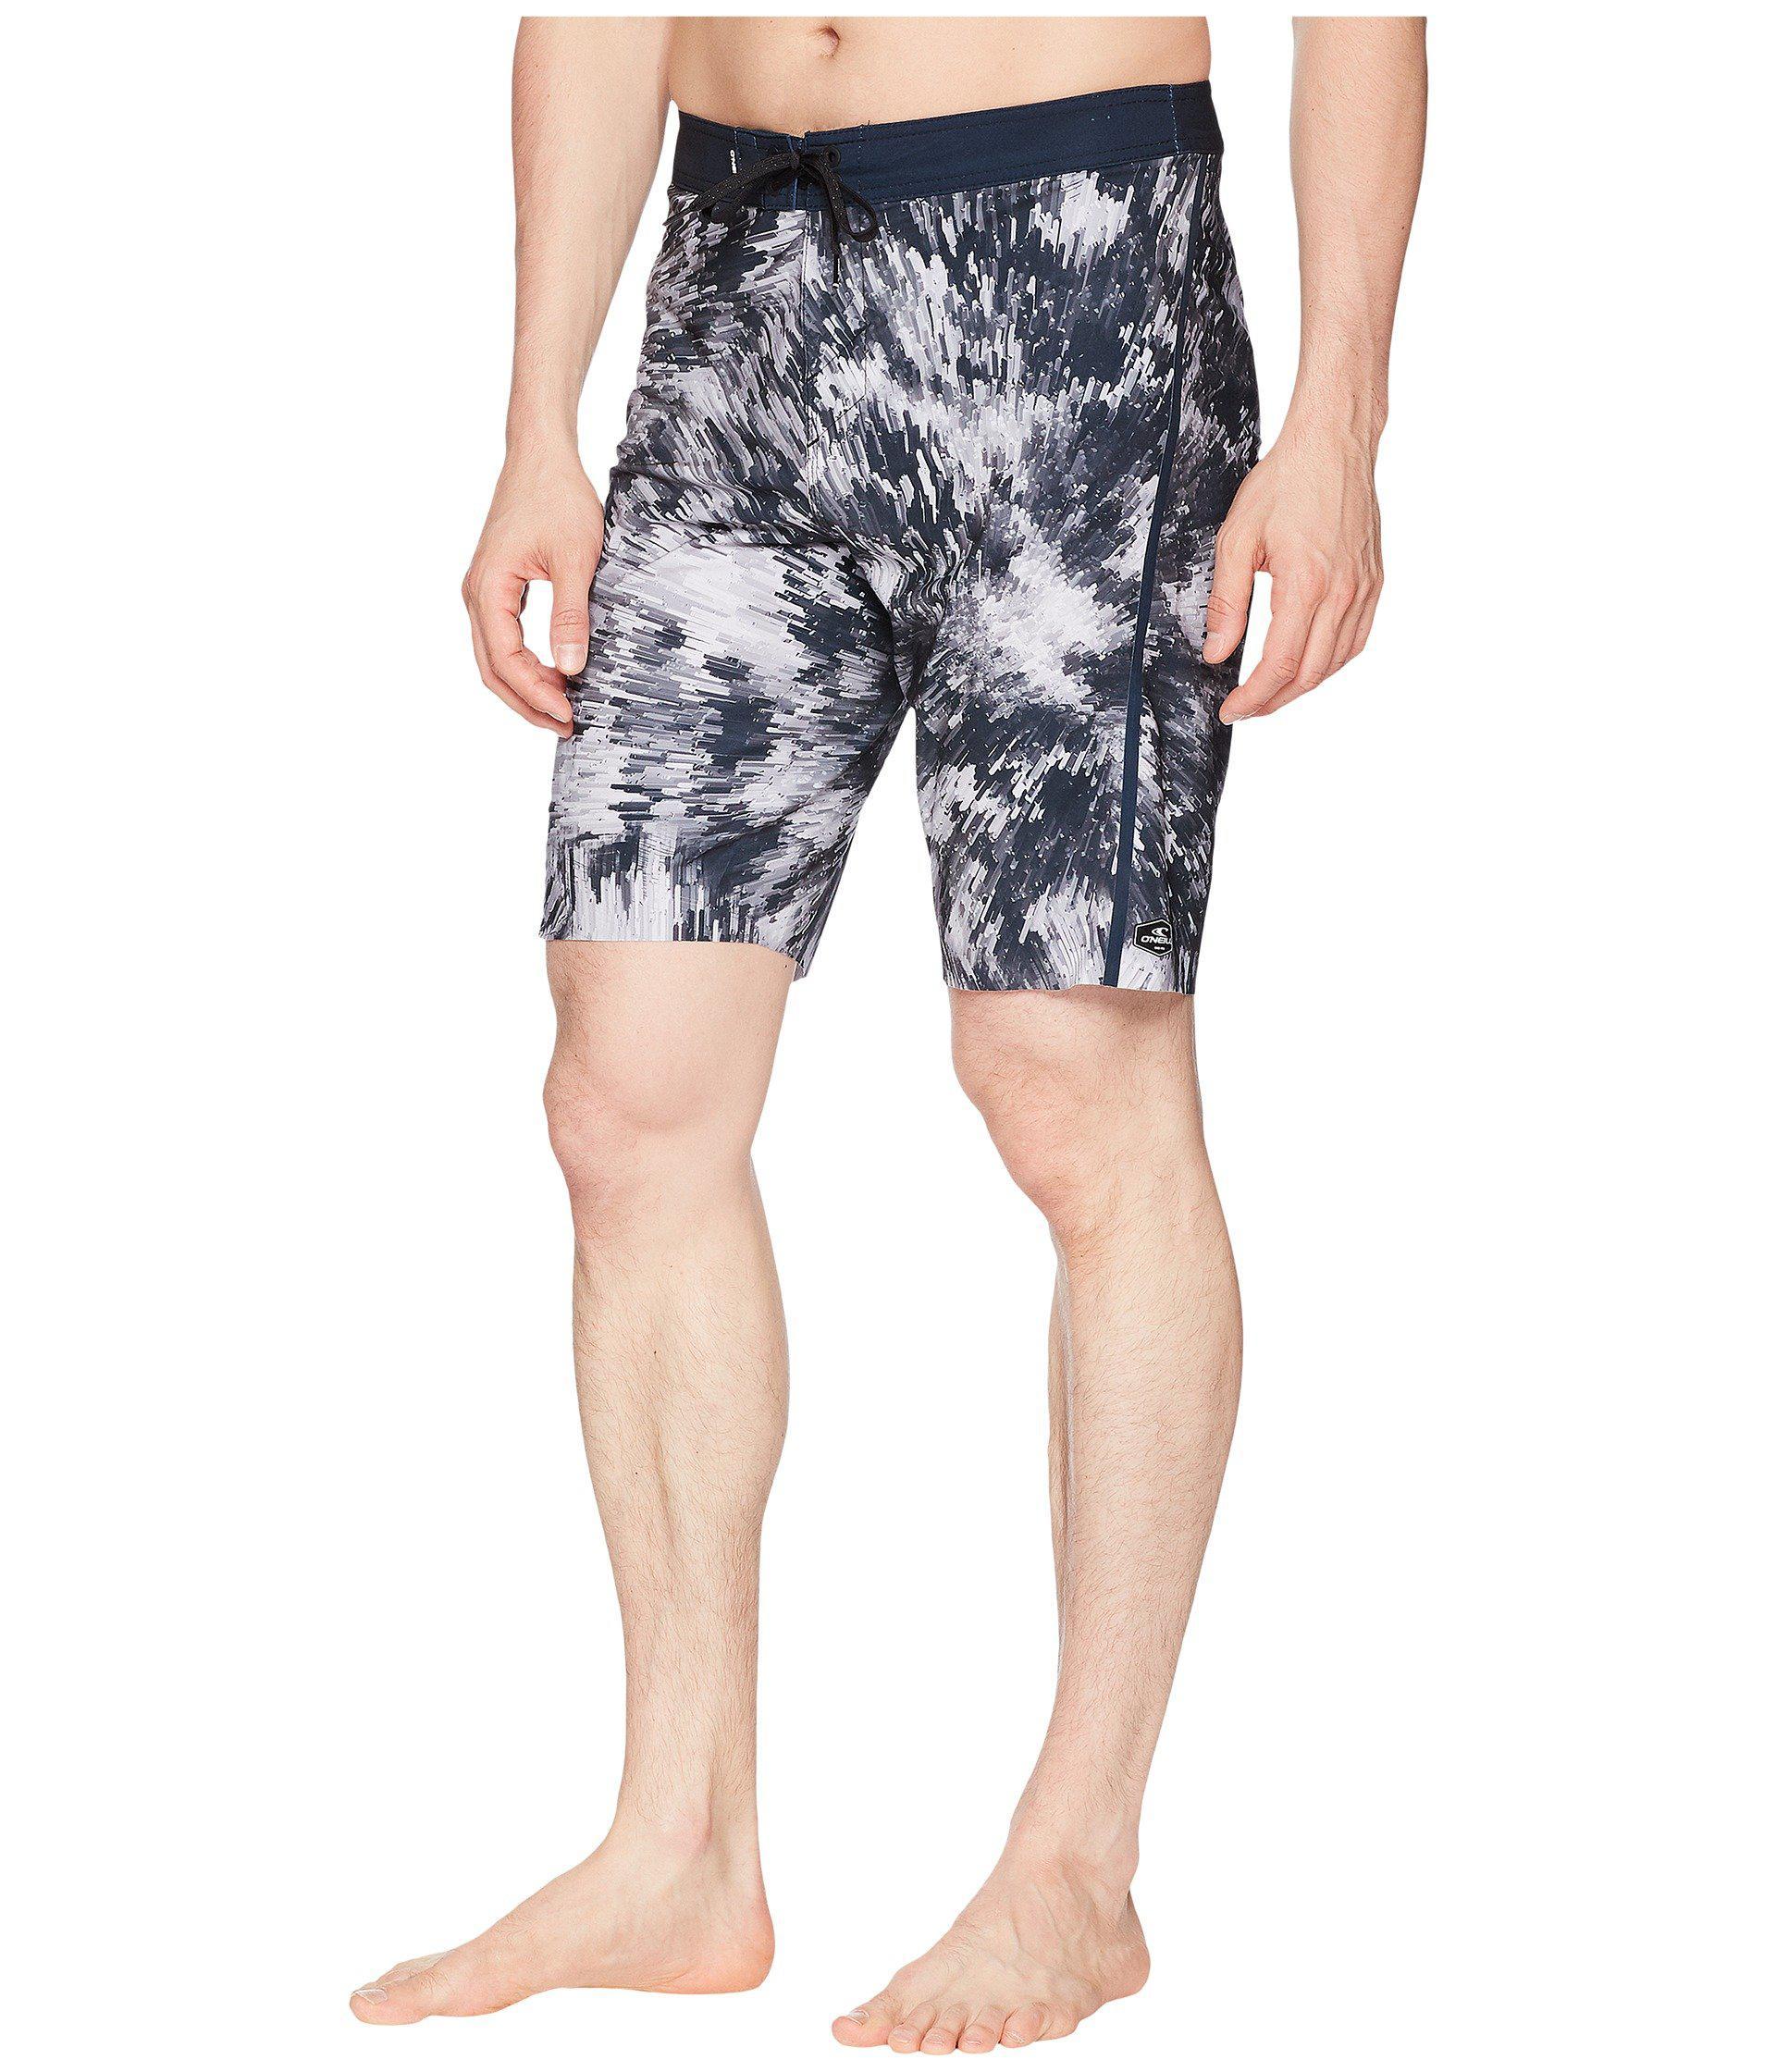 da0807c825 Lyst - O'neill Sportswear Hyperfreak Crystalize Boardshorts in Black for Men  - Save 44%